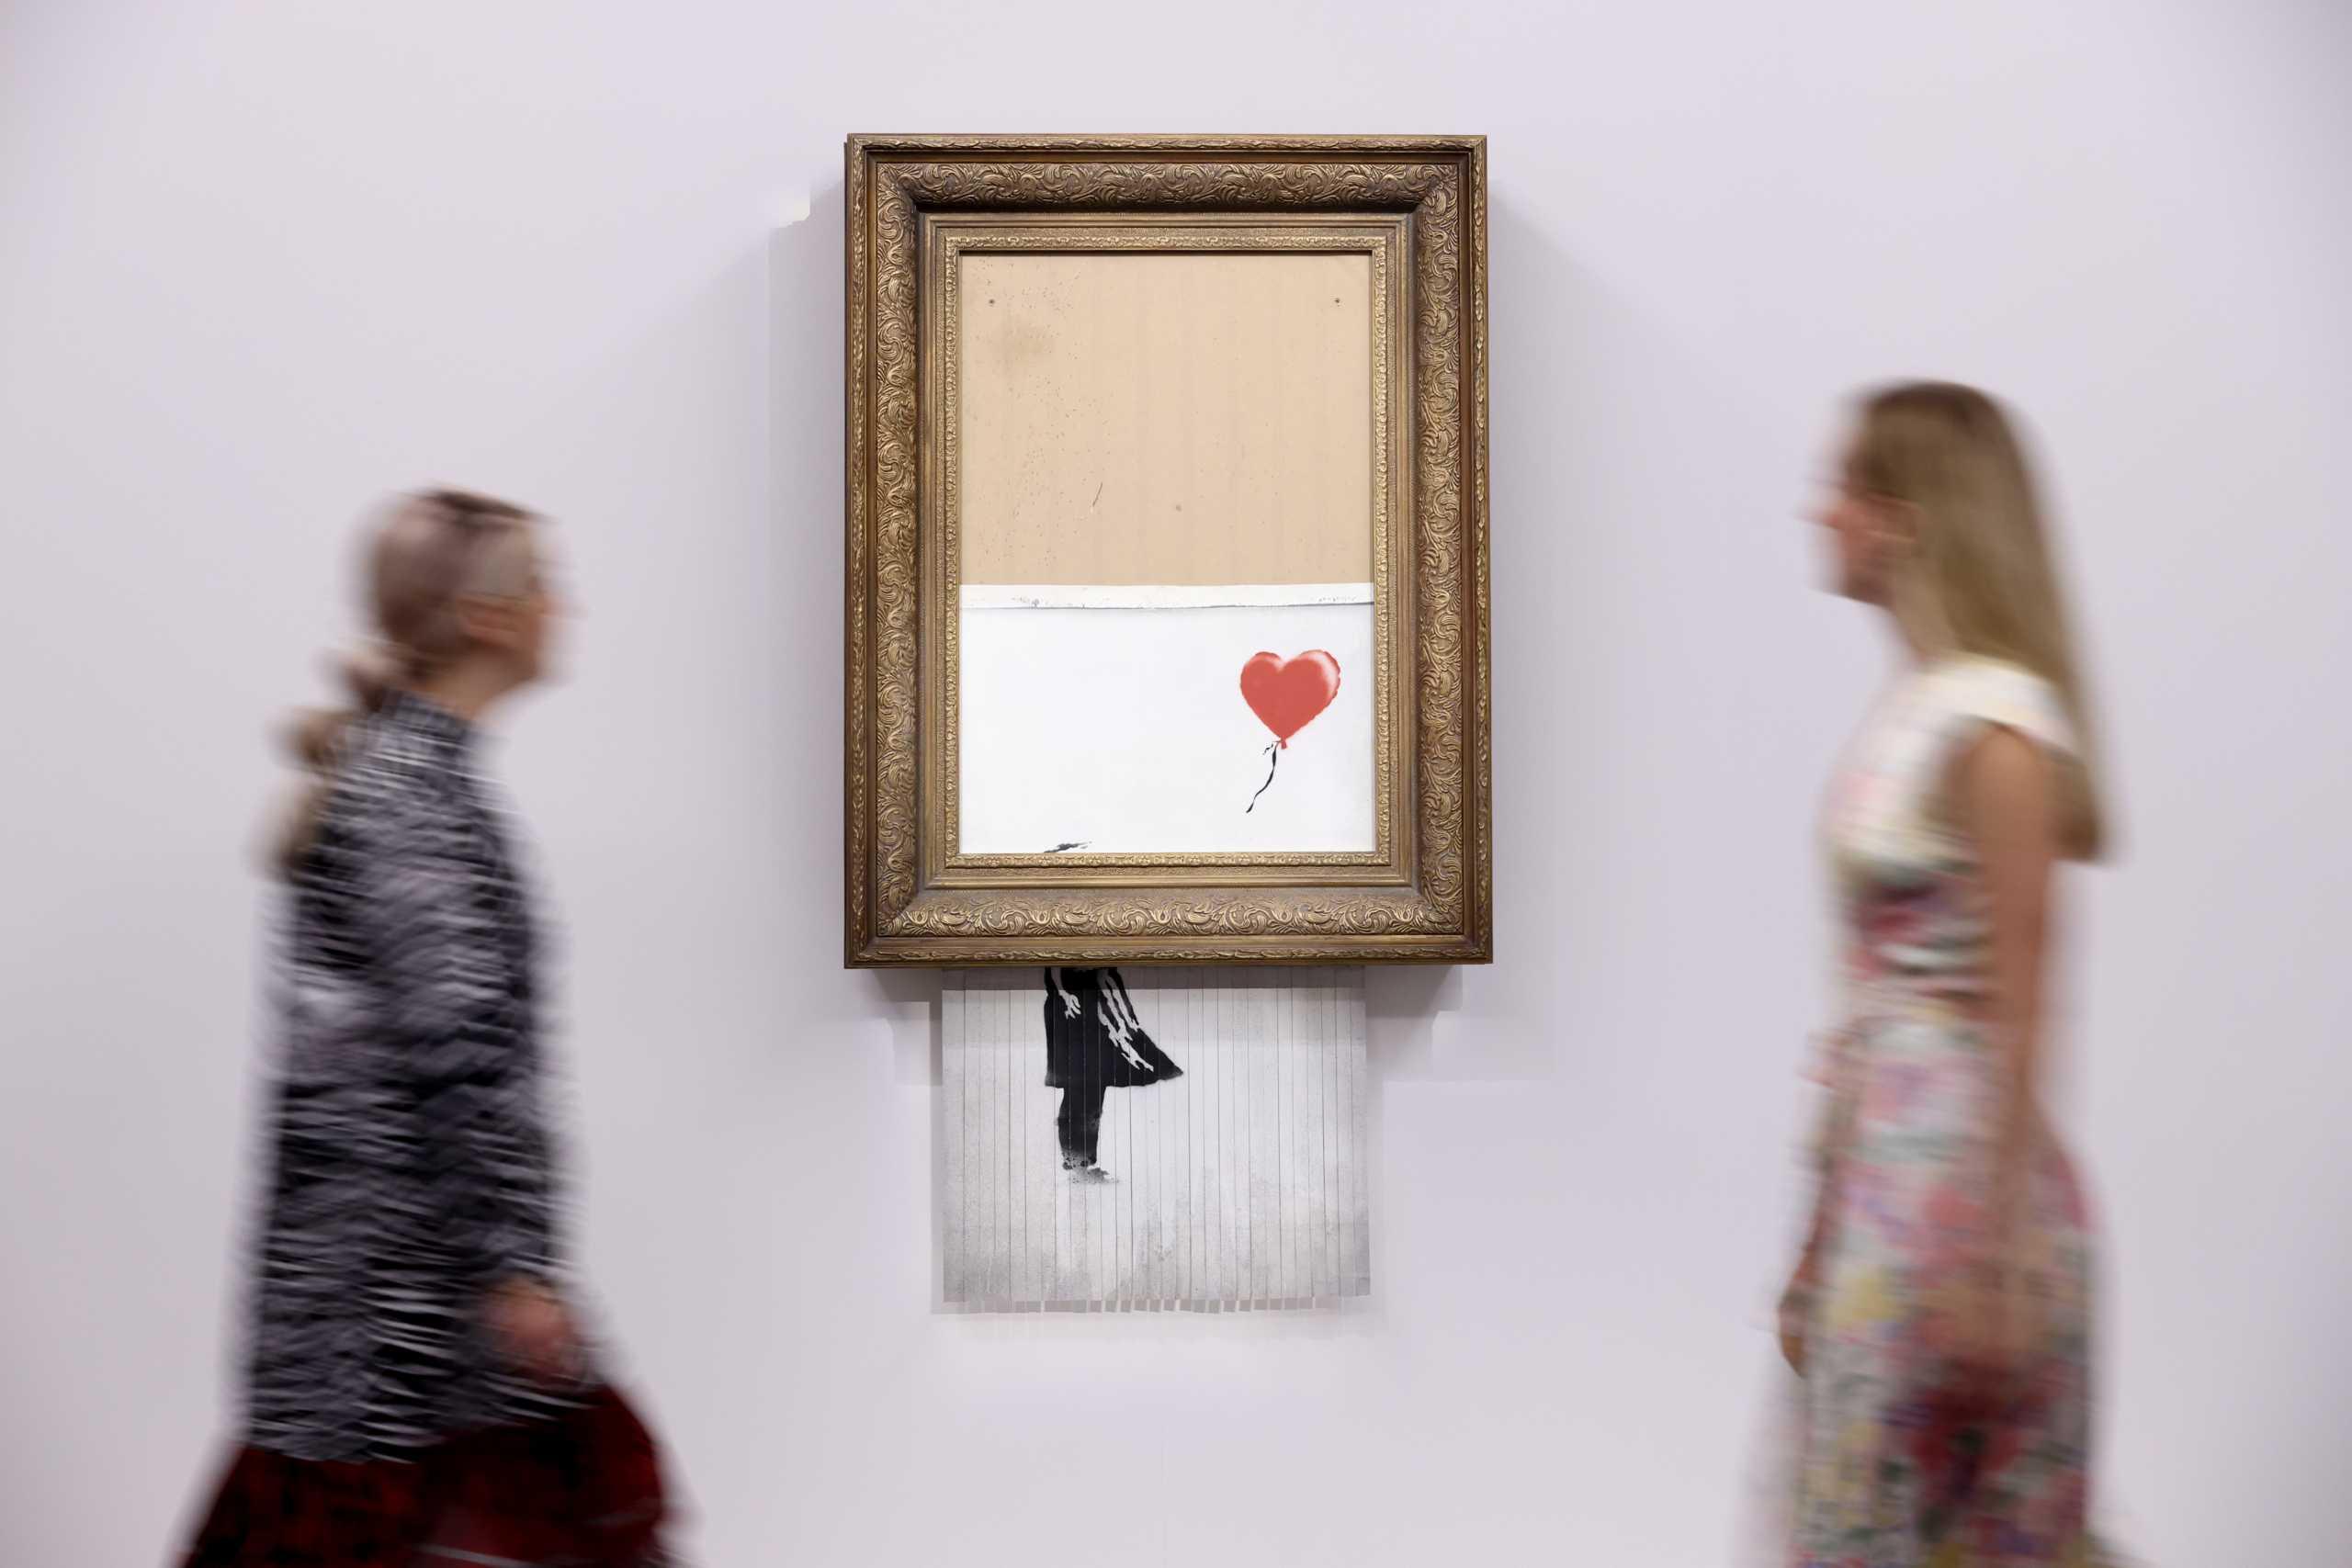 Βρετανία: Μισοκατεστραμμένο έργο του Banksy δημοπρατείται σε εξαπλάσια τιμή